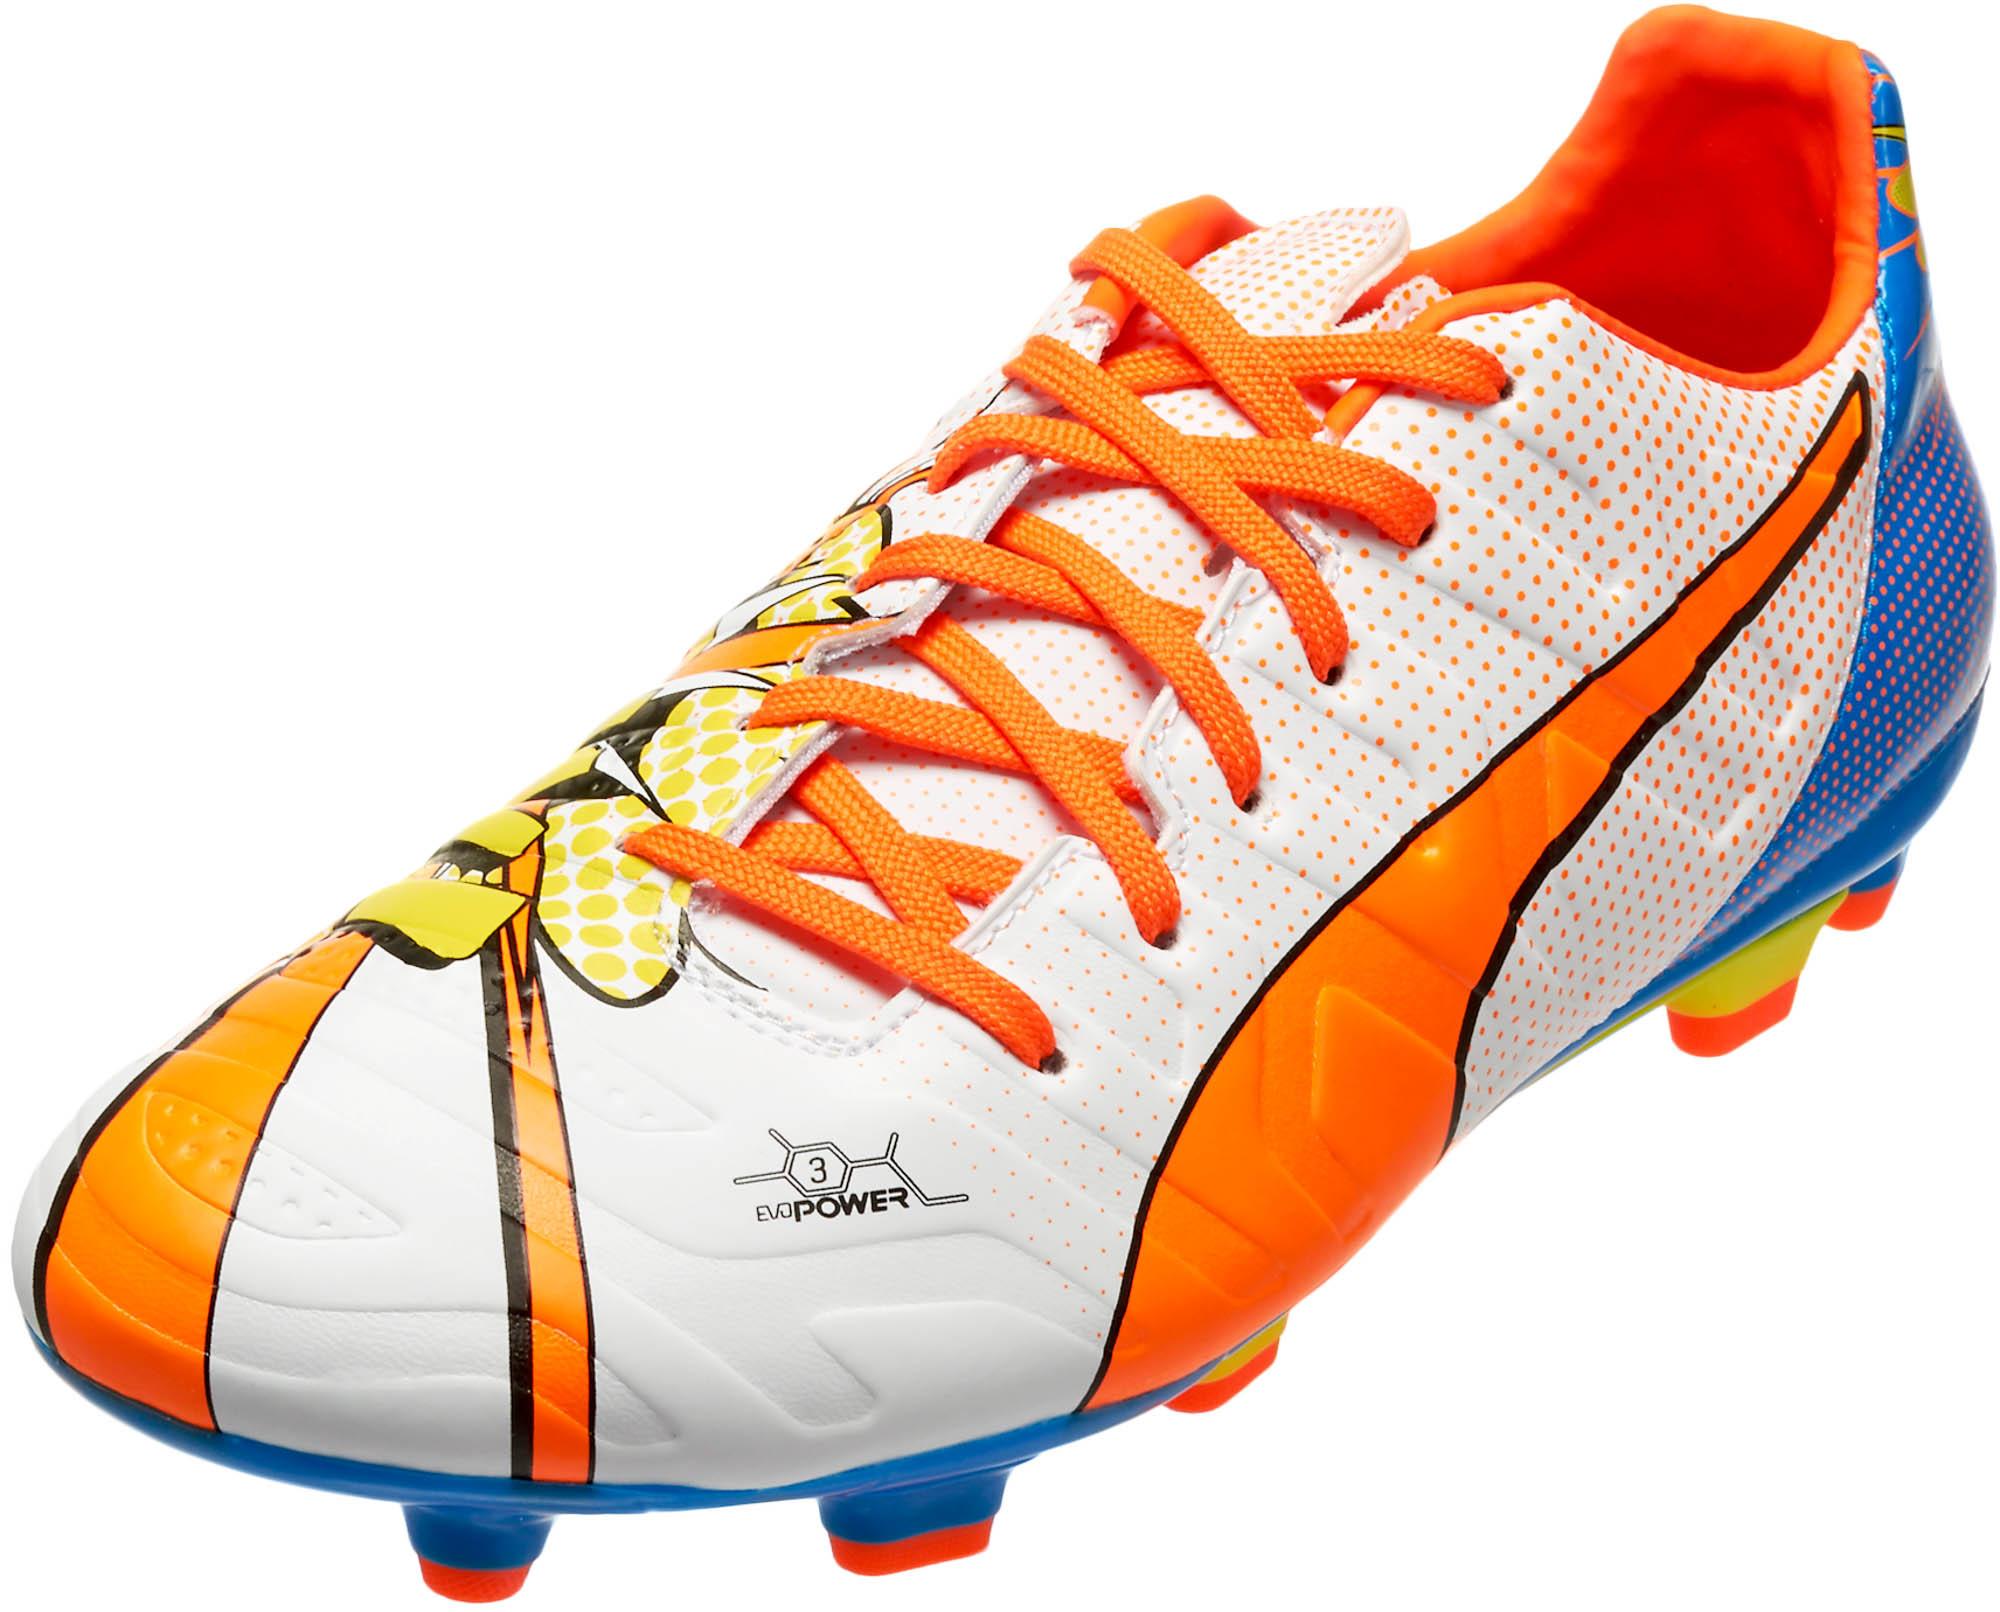 9e2d56ef8841 PUMA Kids evoPOWER 3.2 Graphic FG Soccer Cleats – White Orange Clown Fish